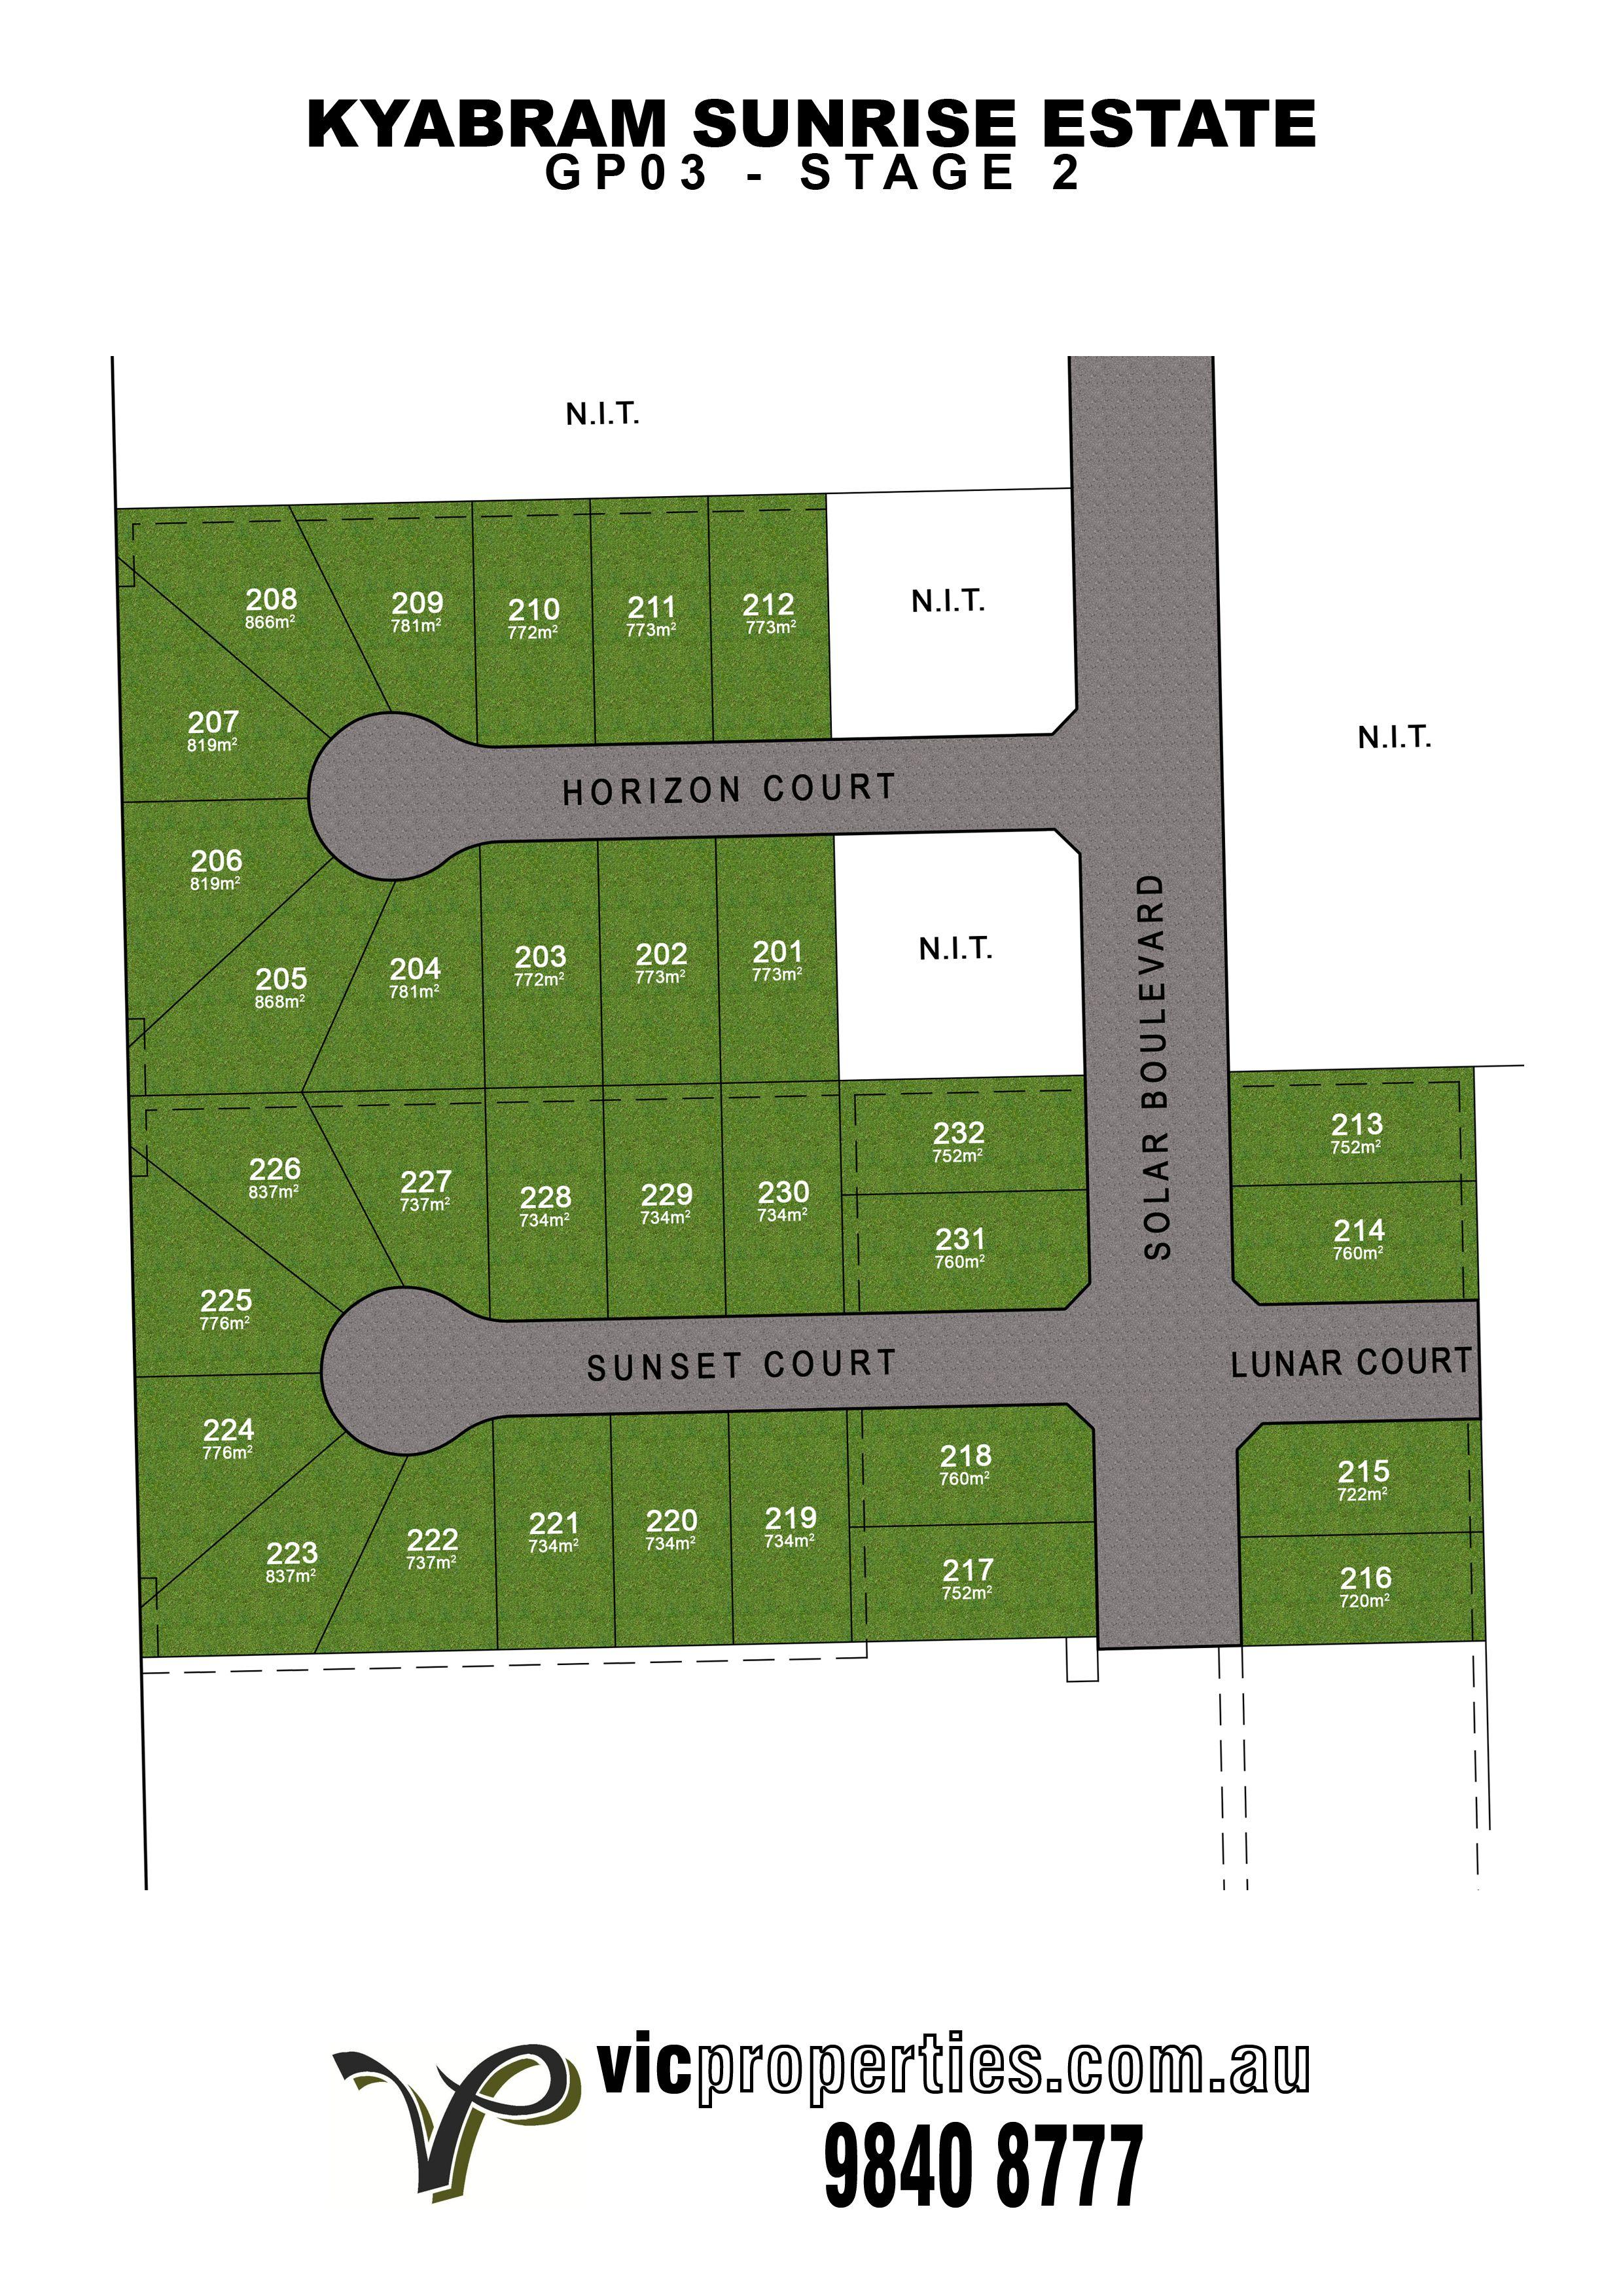 Lot 231/ Solar Boulevard, Kyabram VIC 3620